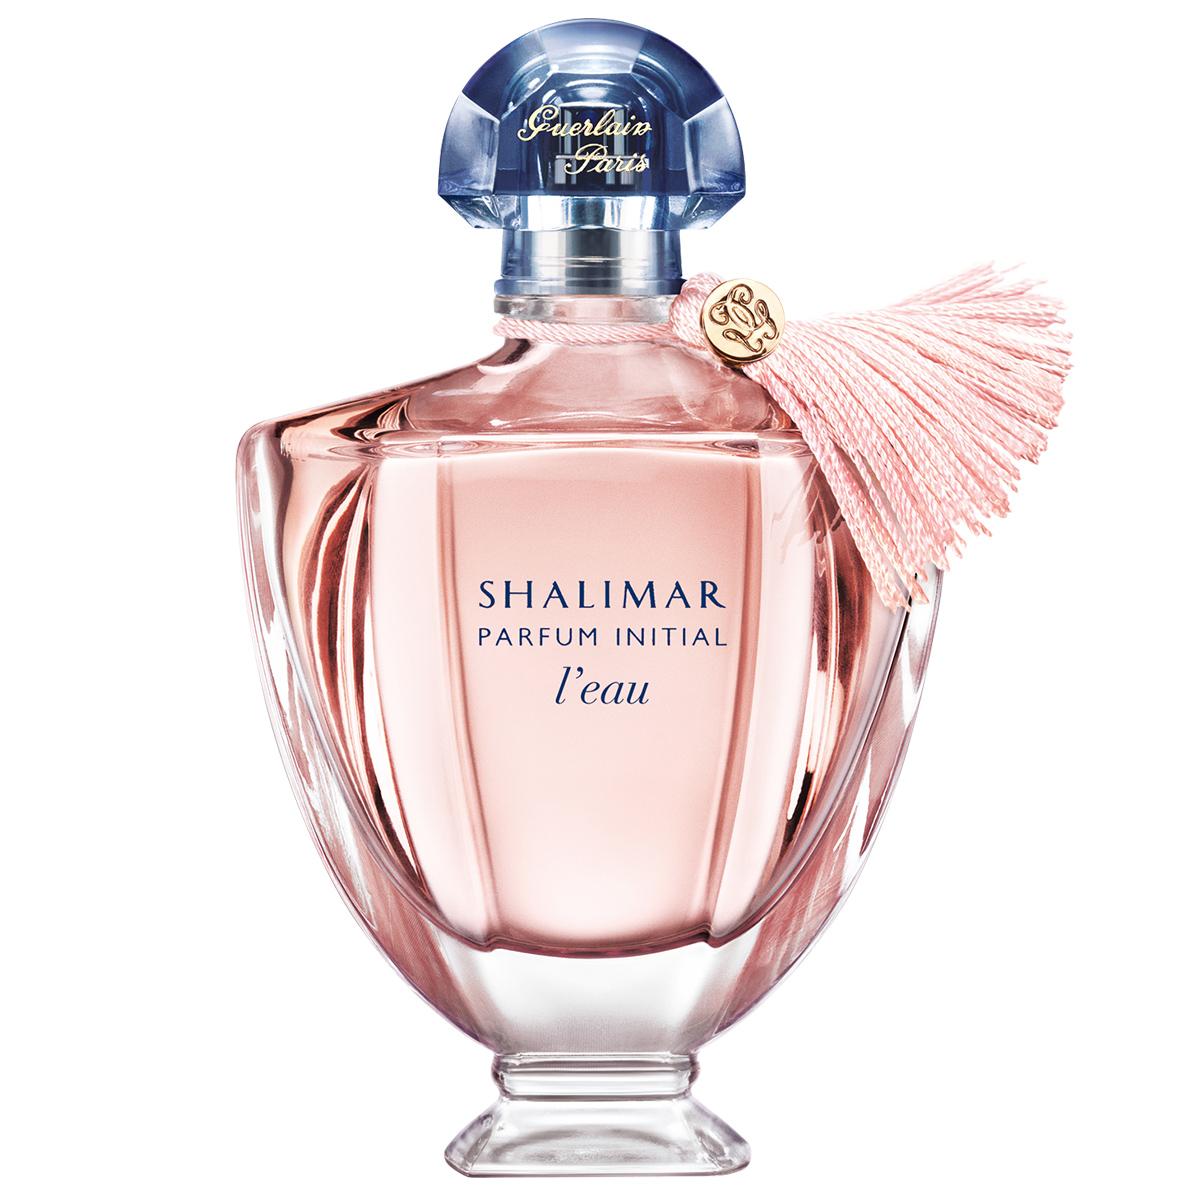 Eau de Toilette Shalimar Parfum Initial L'Eau - GUERLAIN